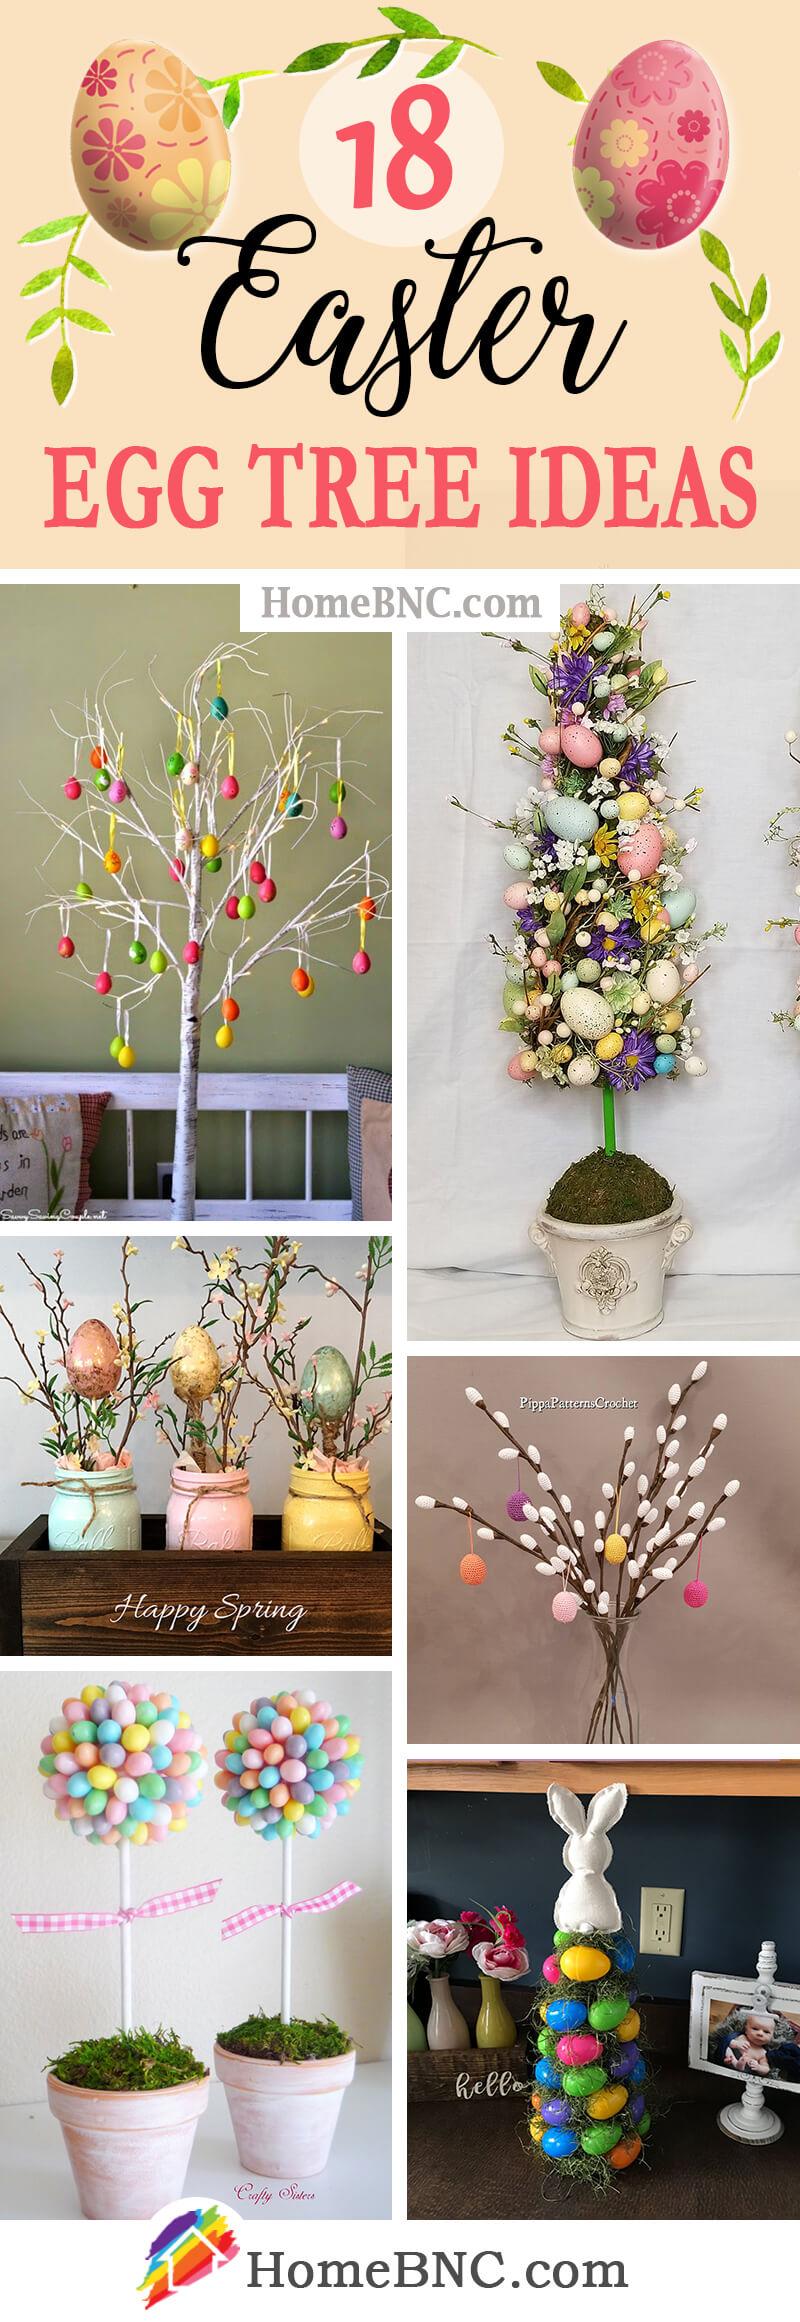 Easter Egg Tree Ideas